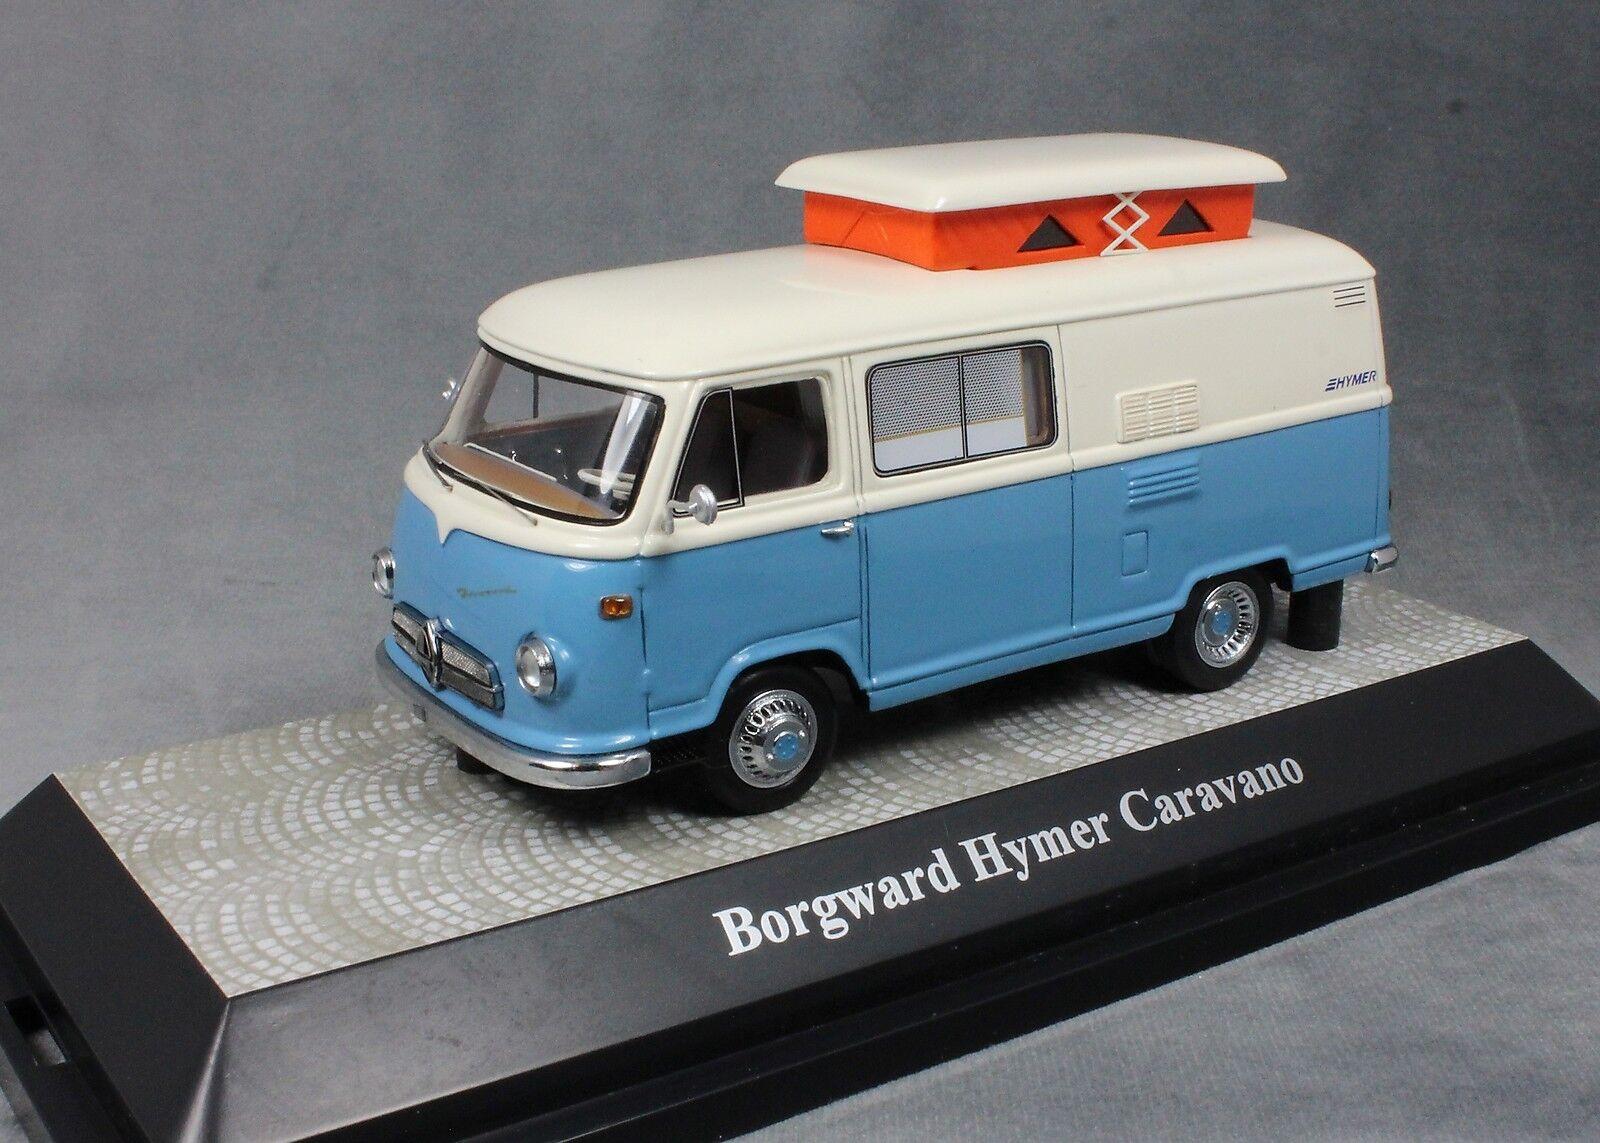 Premium ClassiXXs Borgward Hymer Motorcaravan en Bleu & Blanc 18038 1 43 LTD 750